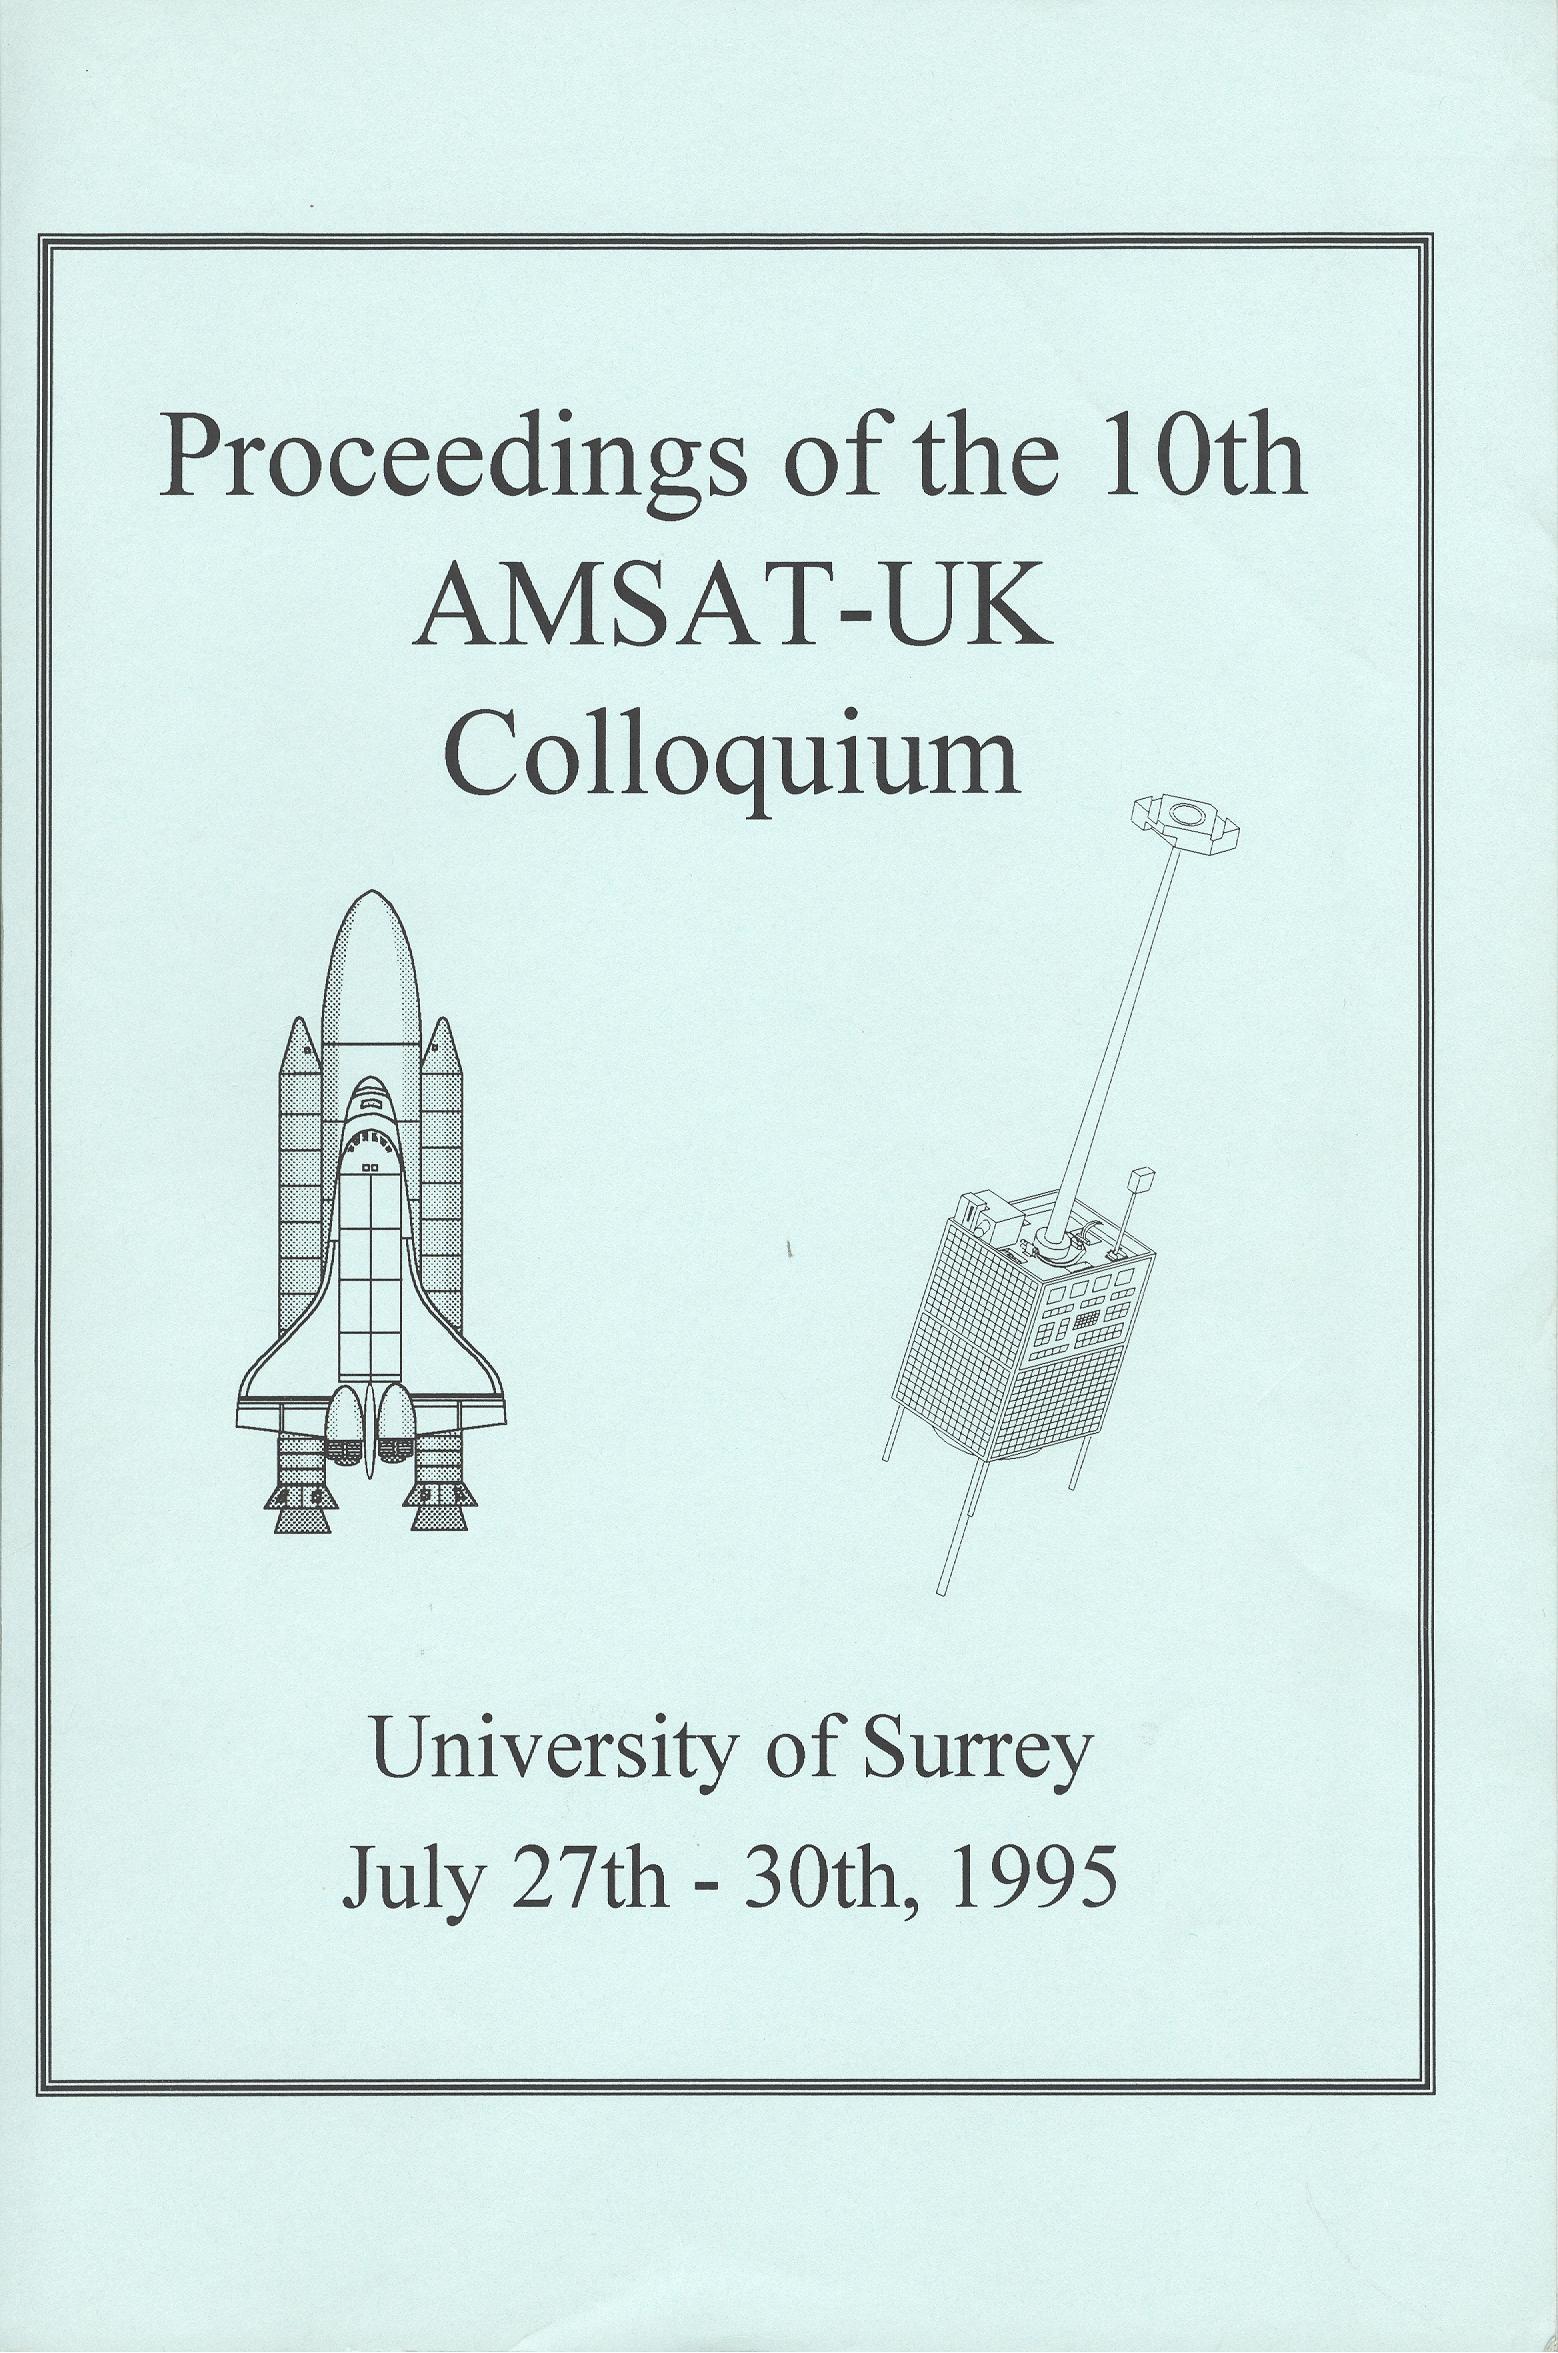 The Proceedings of the 10th AMSAT-UK Colloquium 1995